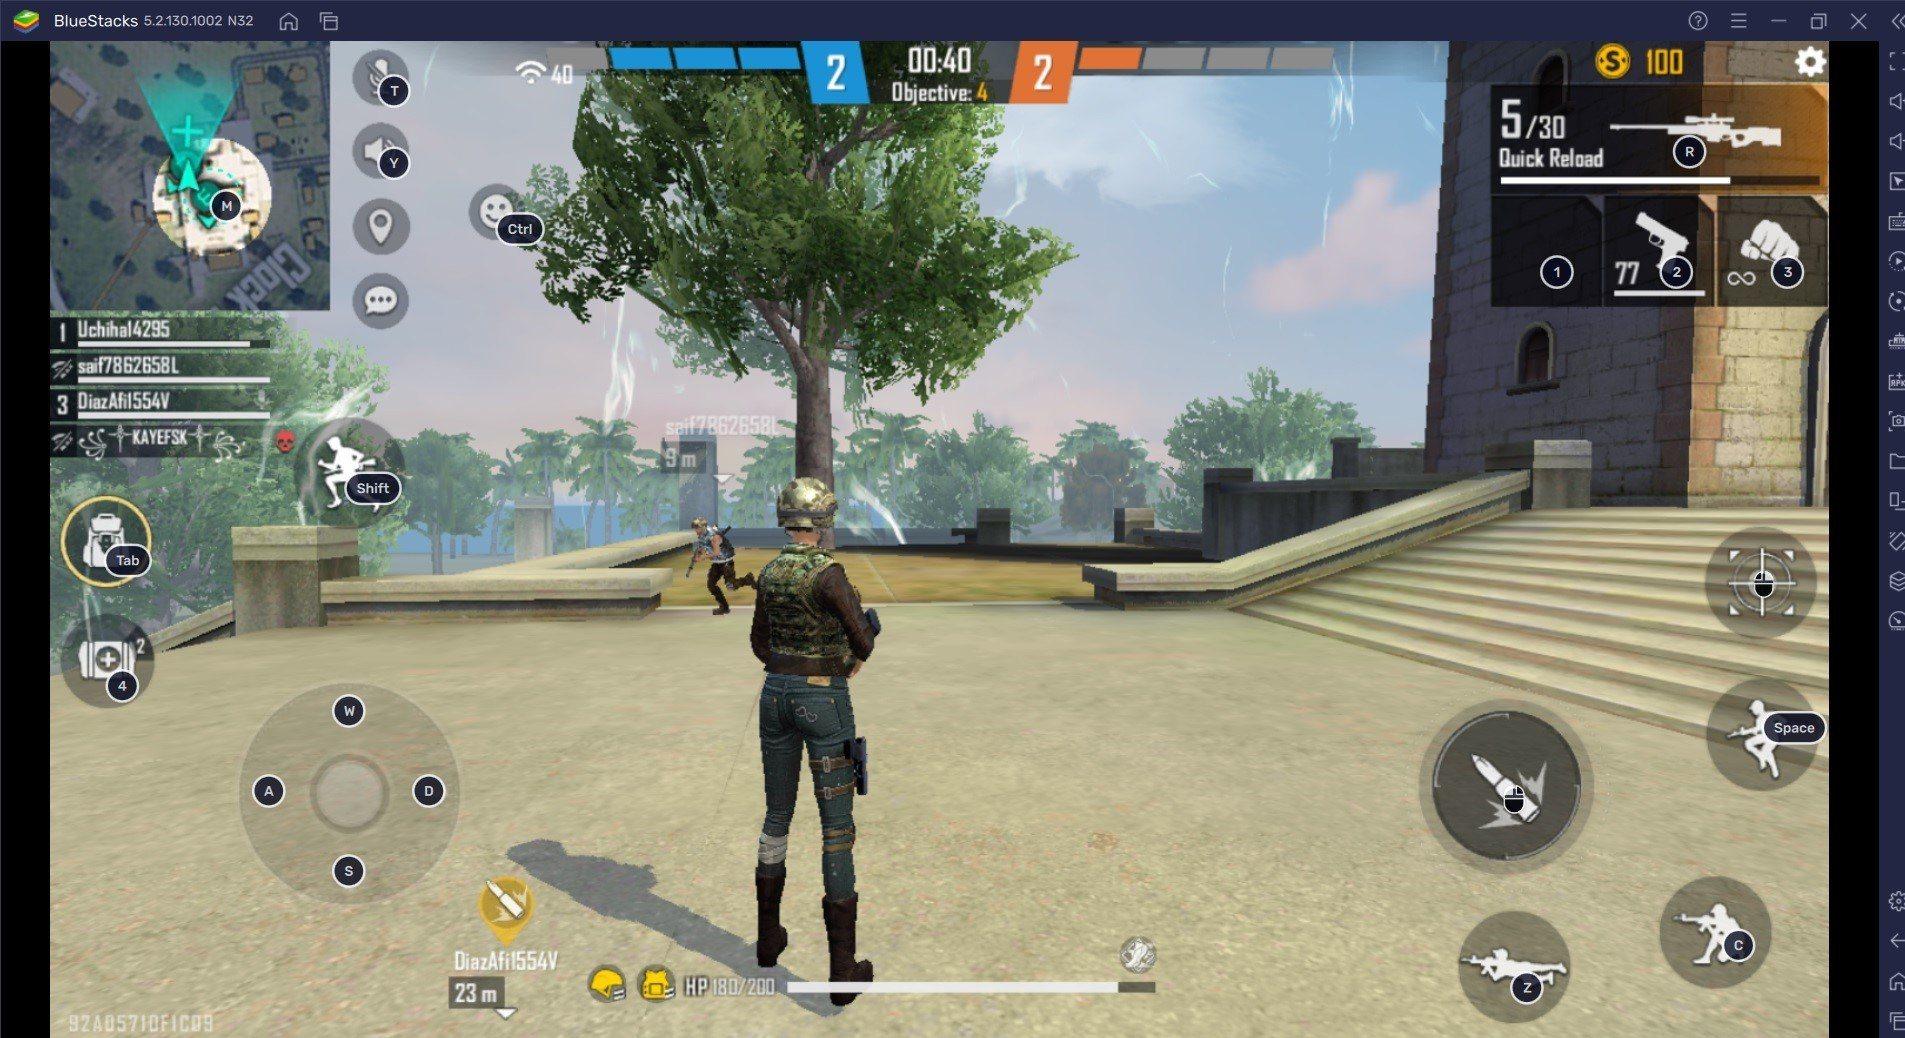 لعبة Free Fire Clash Squads دليل الـ SMG للإطاحة بالبنادق